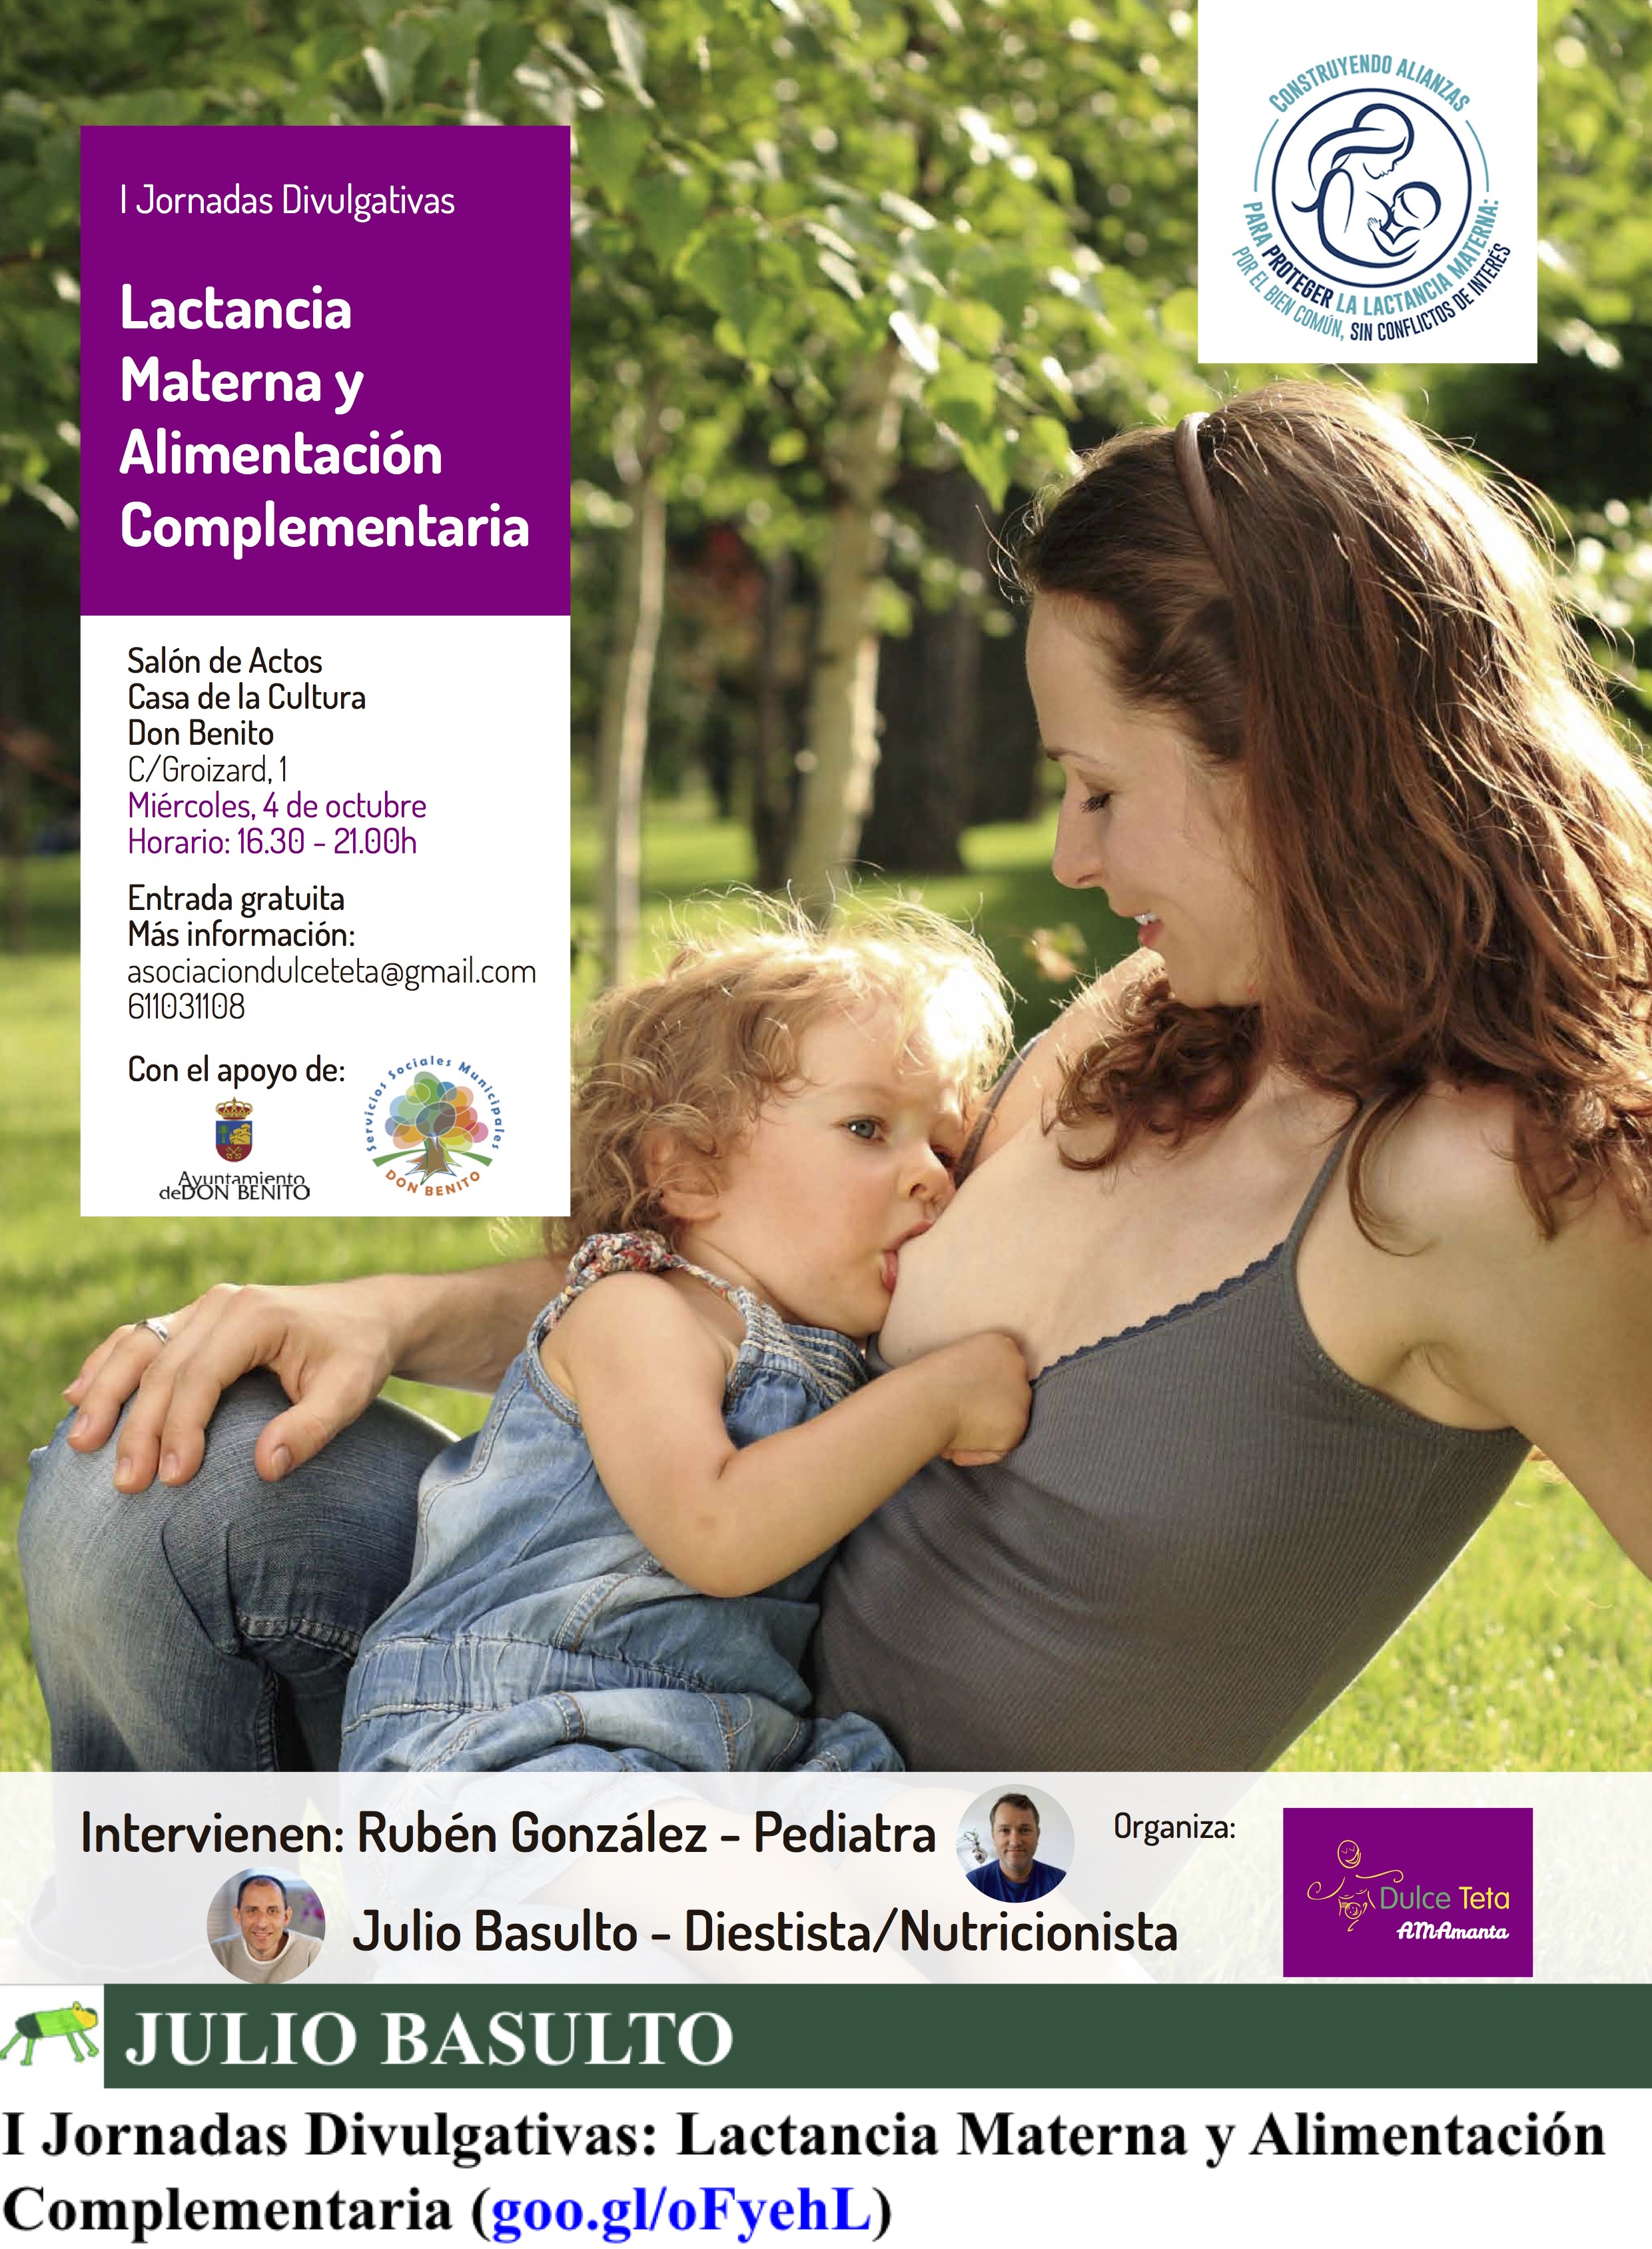 I Jornadas Divulgativas: Lactancia Materna y Alimentación Complementaria